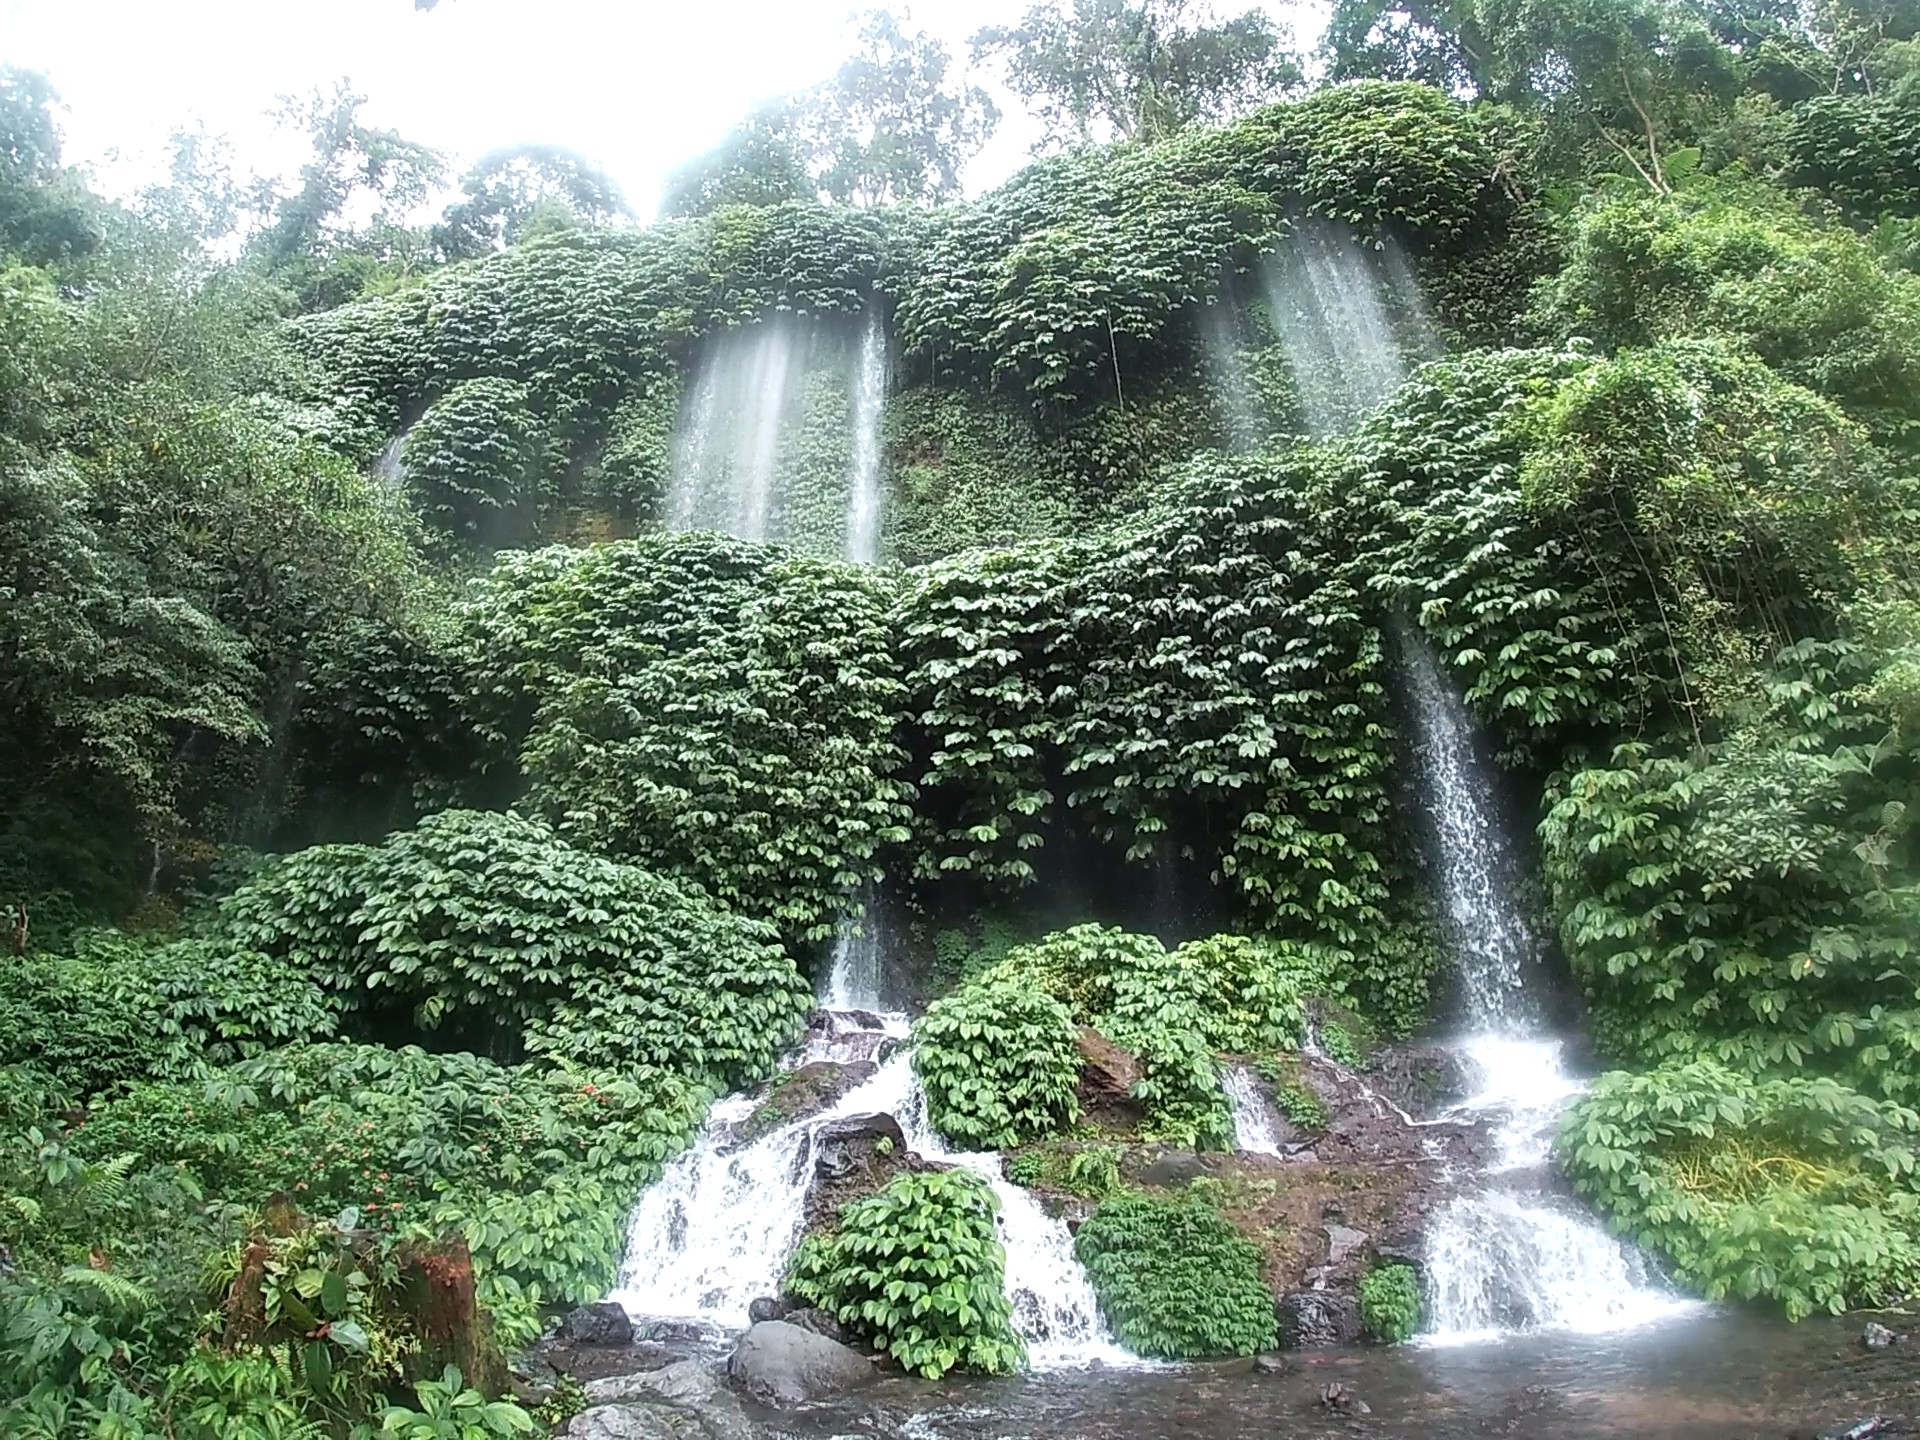 Einmal Kultur, Wasserfälle und neue Erfahrungen, bitte [INDO]